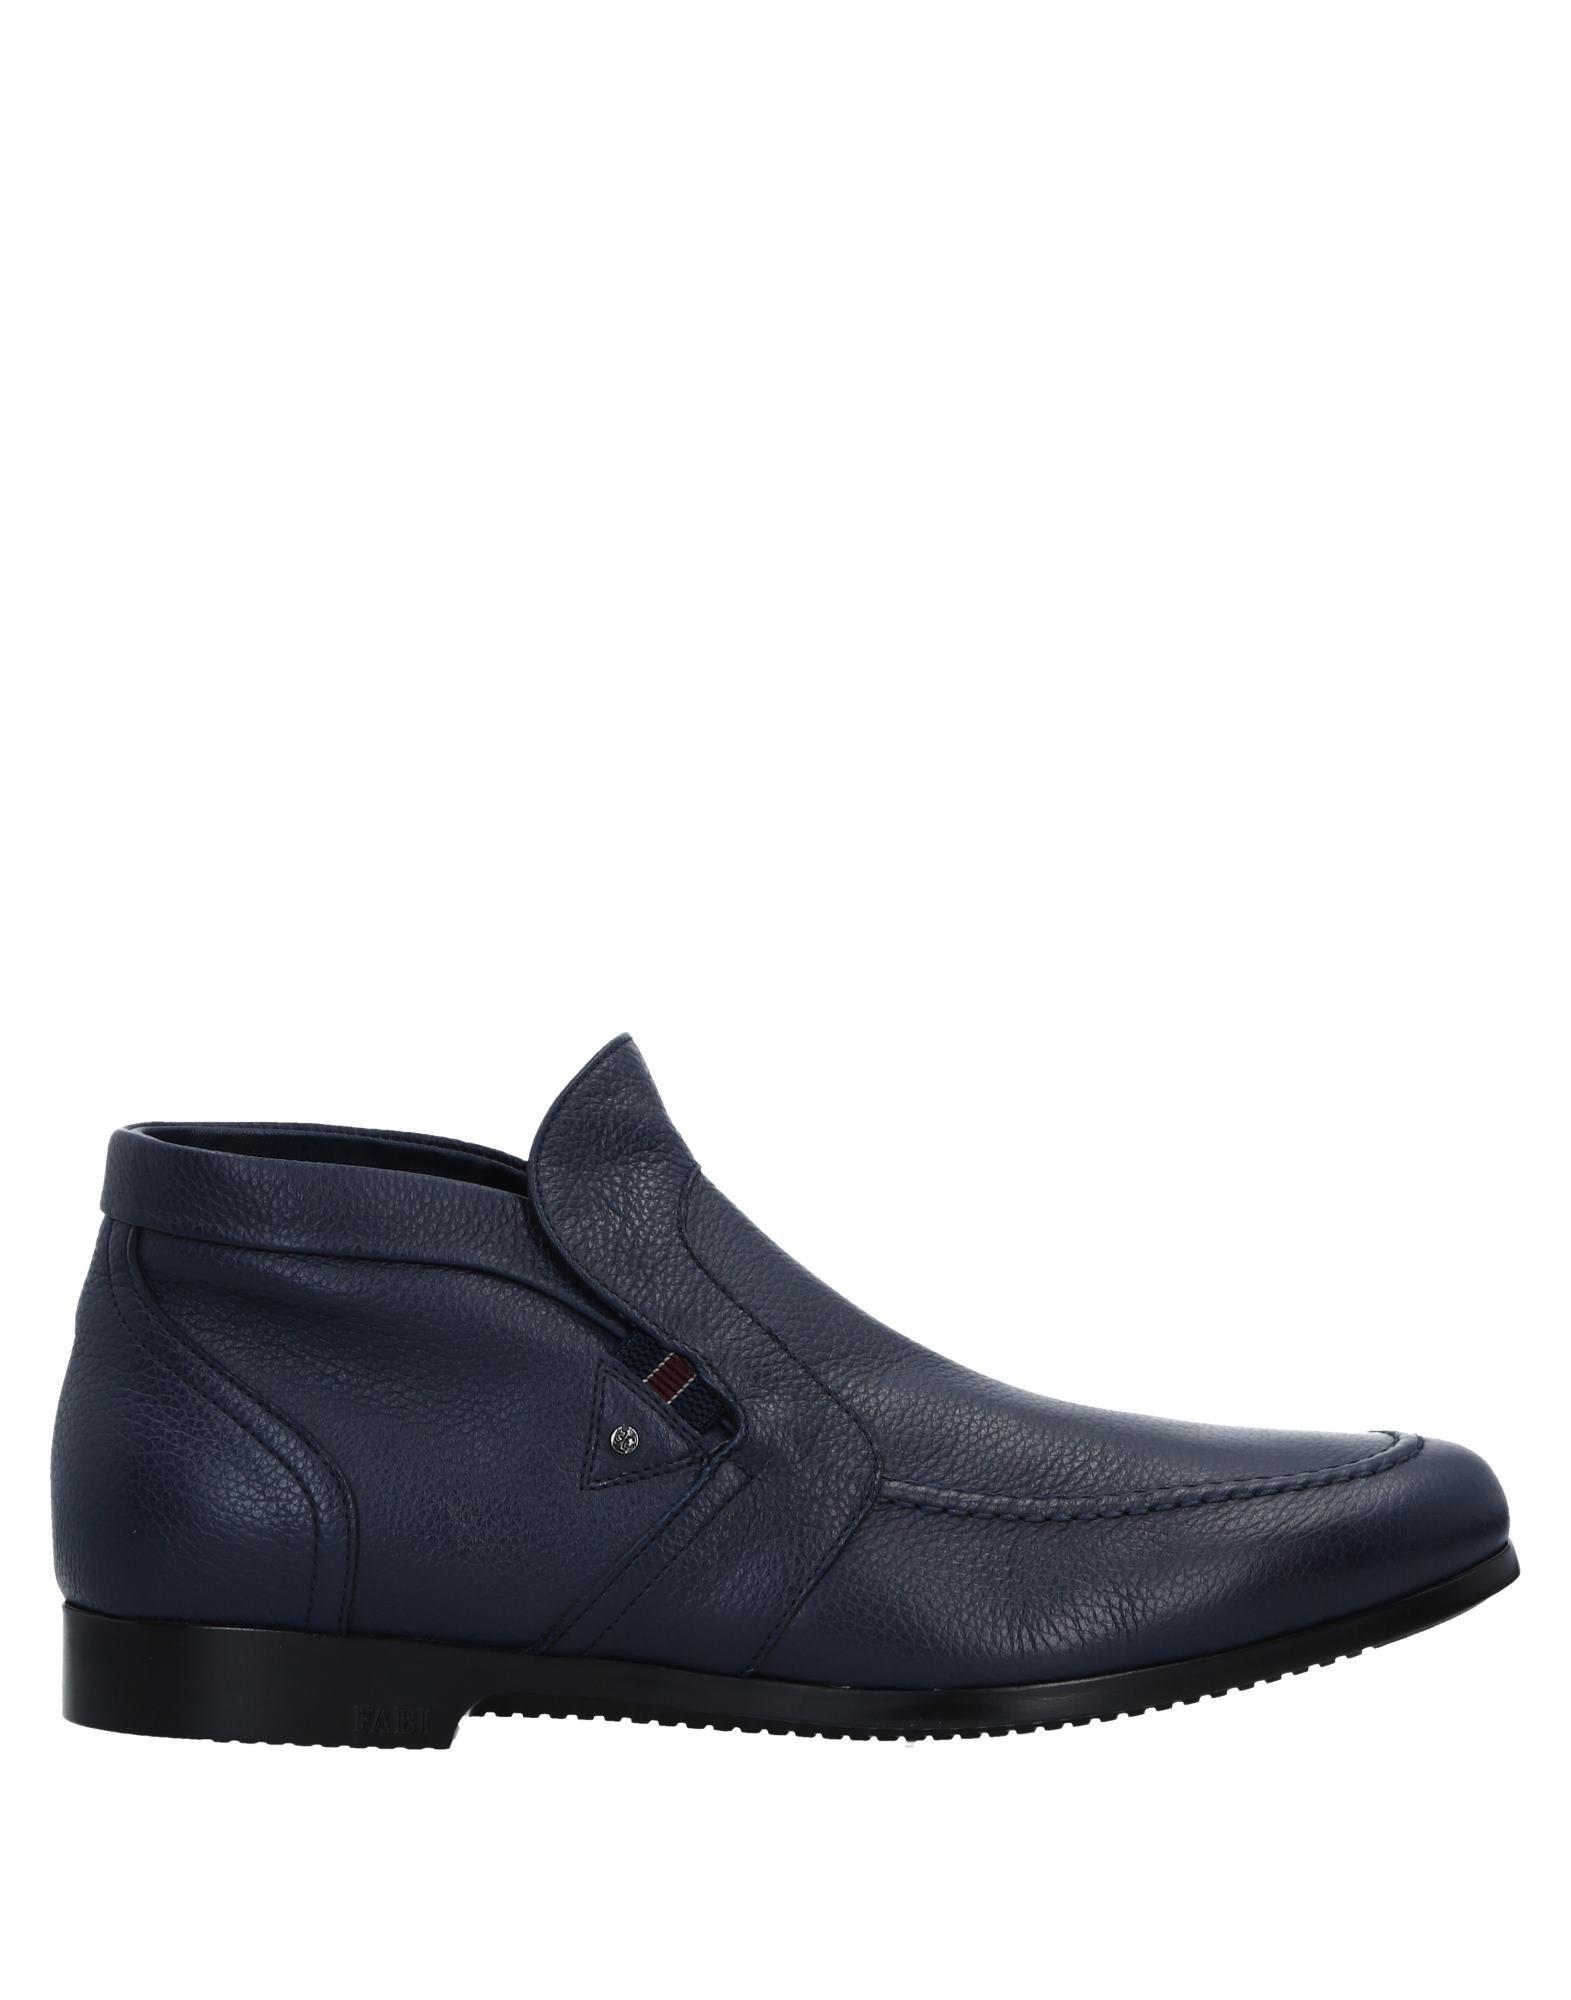 Haltbare Mode billige Schuhe Fabi Stiefelette Herren  11532342PP Heiße Schuhe